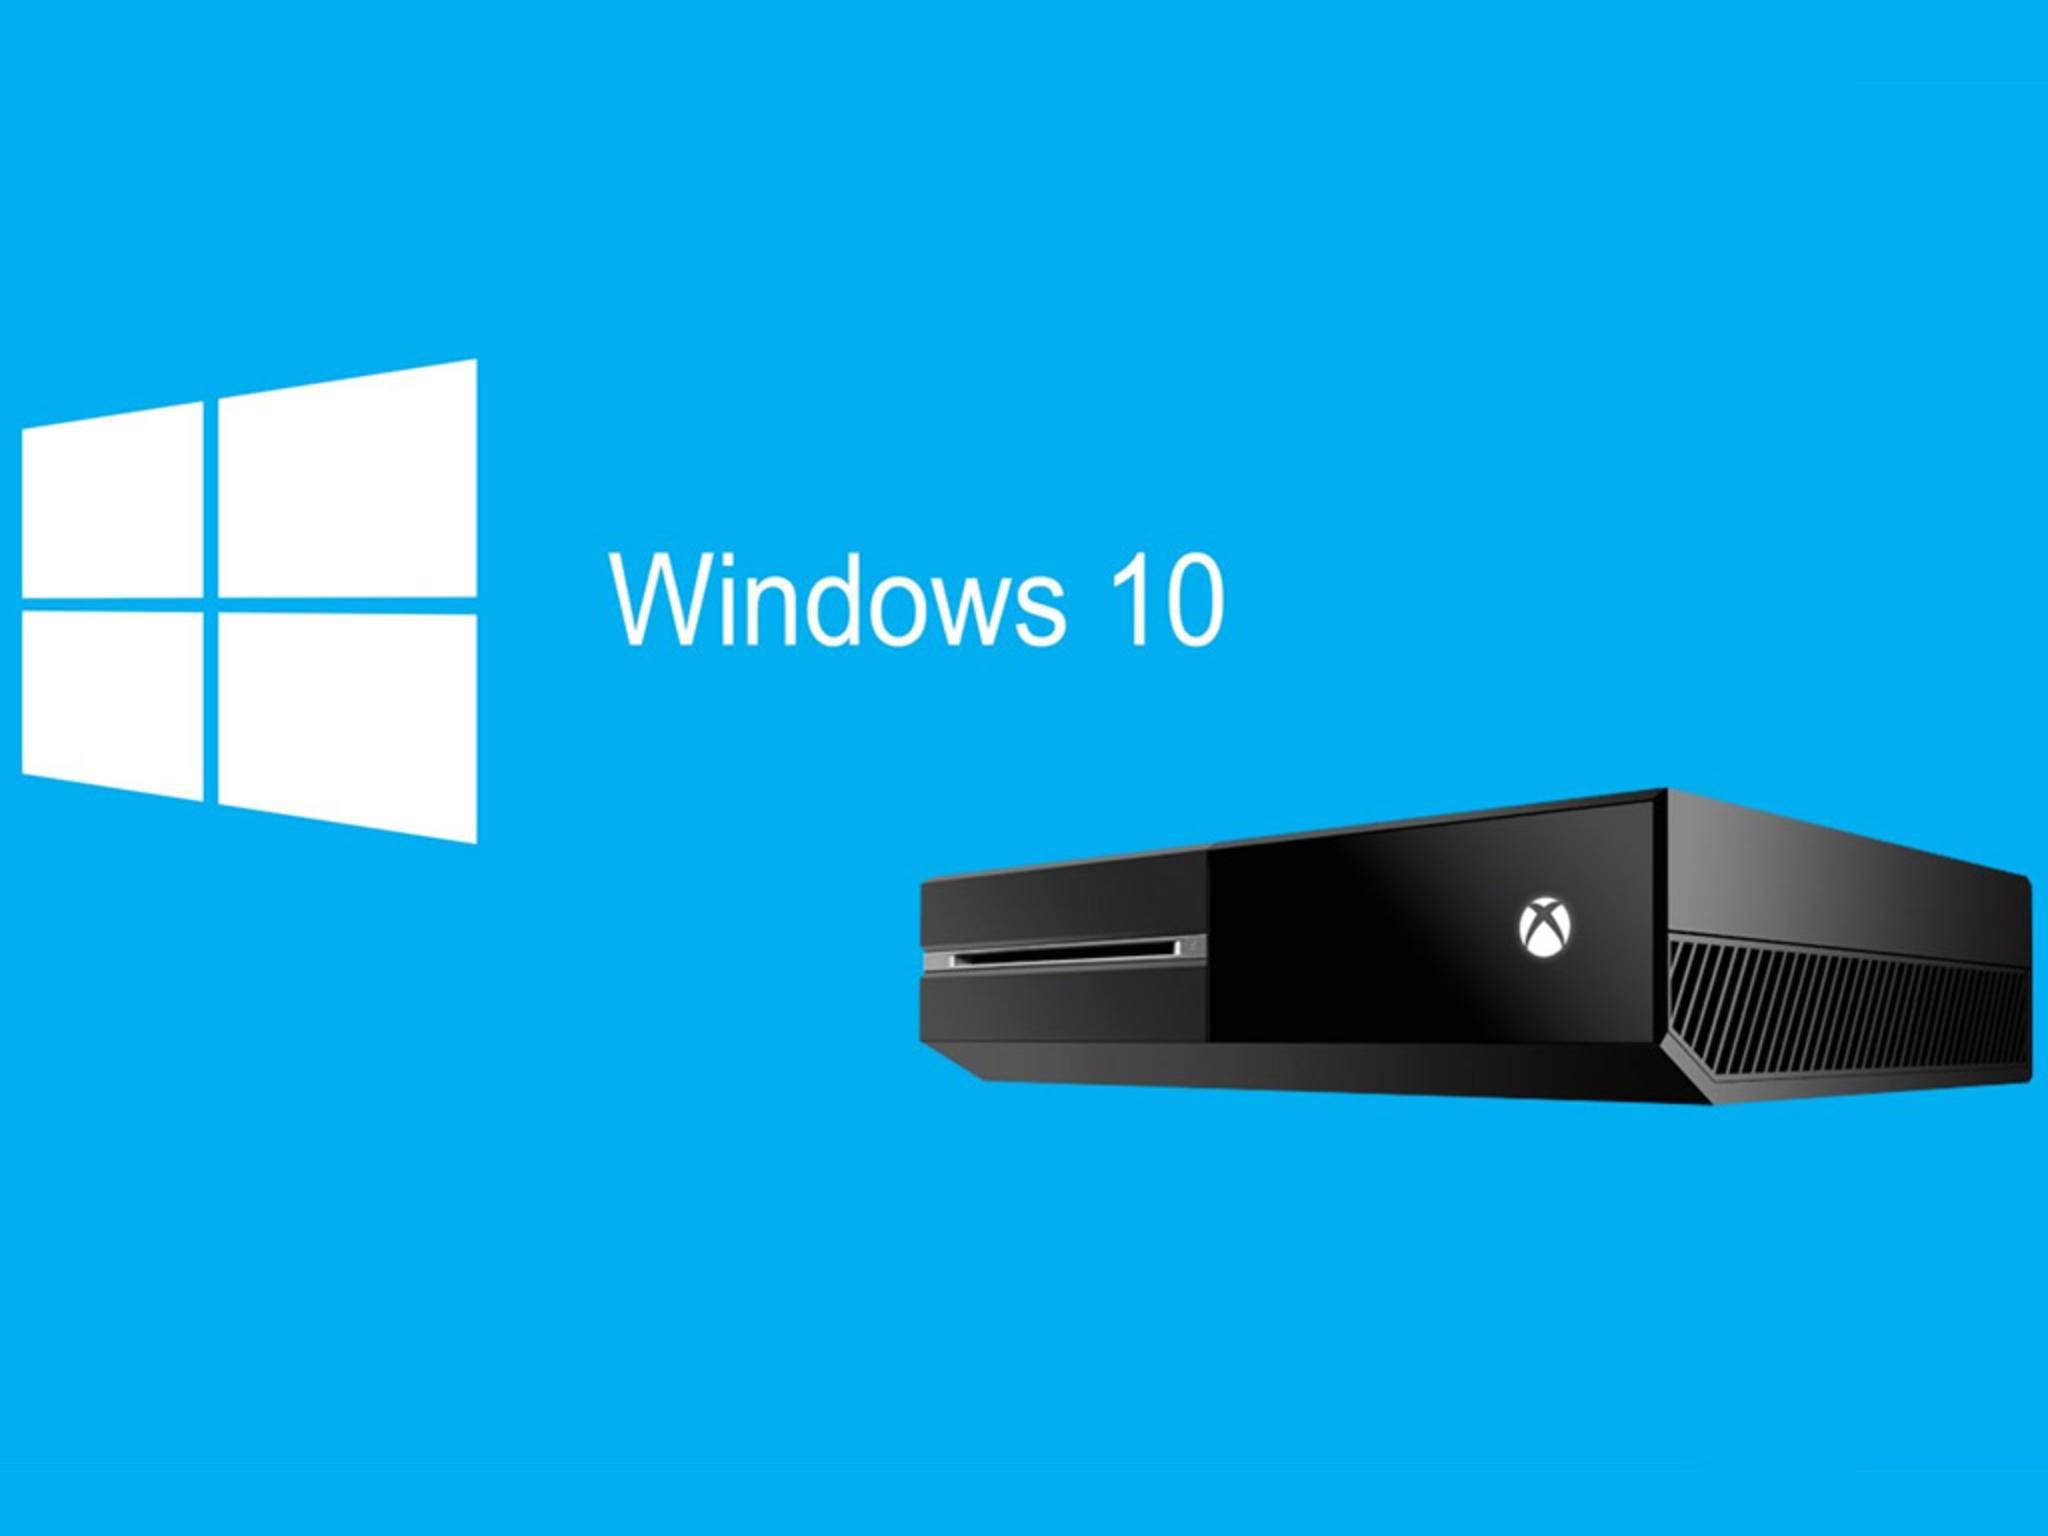 Die Xbox One bekommt Windows 10.